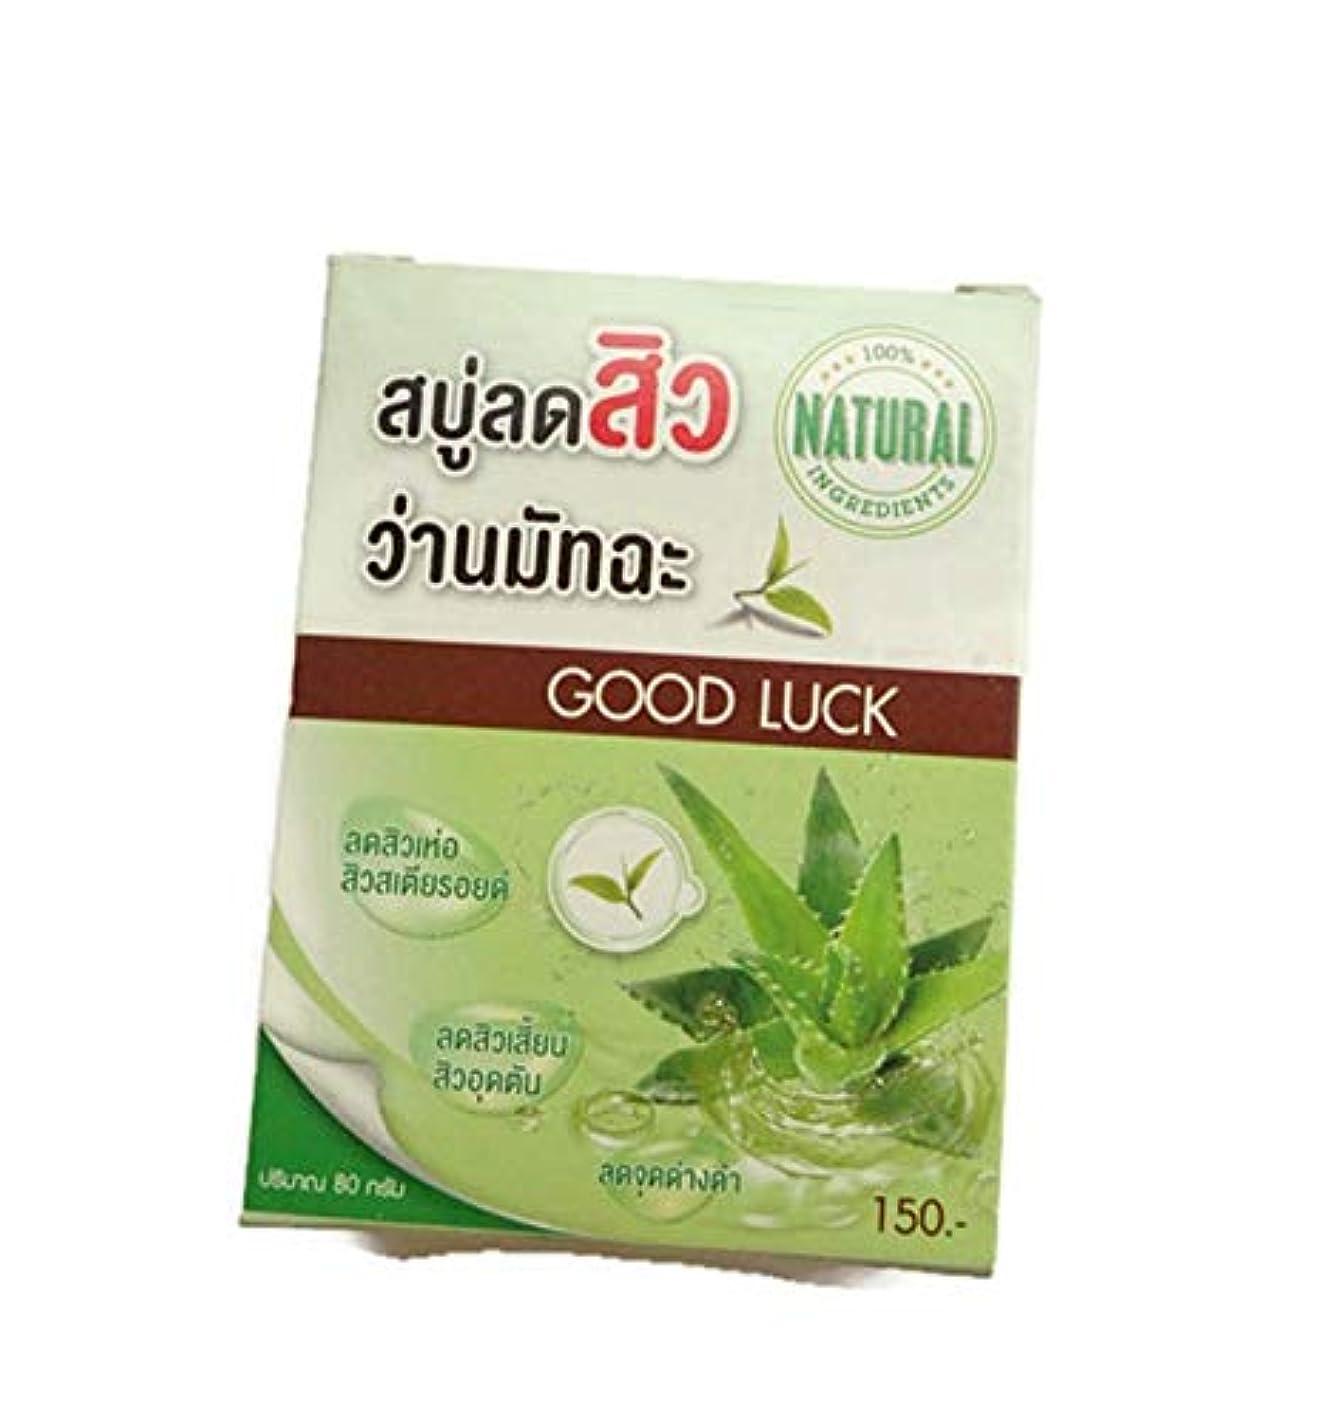 Aloe vela Green Tea Vitamin C&E Coconut oil Acne Soap 80 grams.